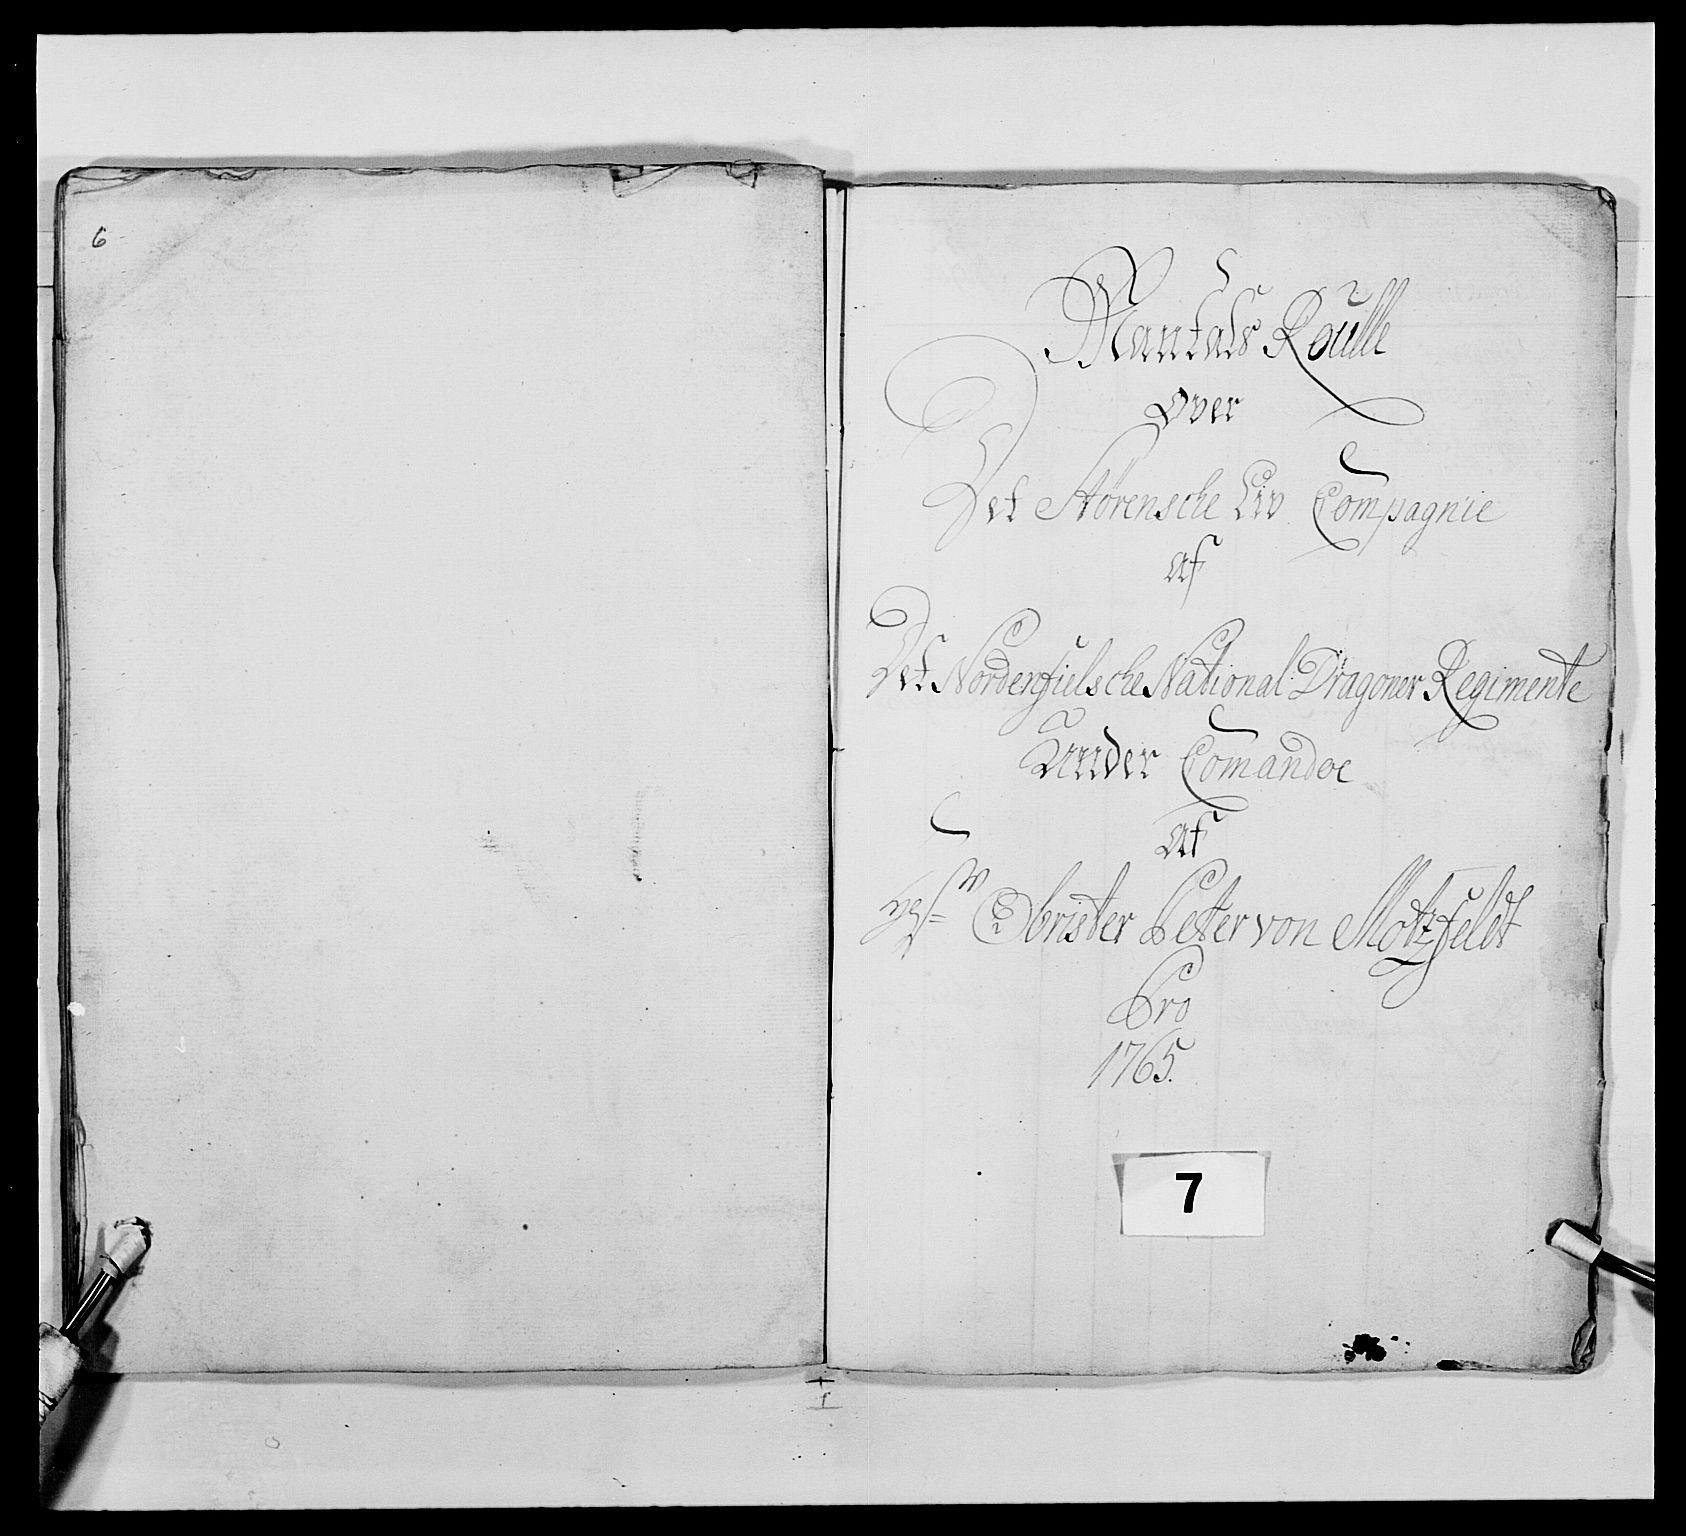 RA, Kommanderende general (KG I) med Det norske krigsdirektorium, E/Ea/L0483: Nordafjelske dragonregiment, 1765-1767, s. 138